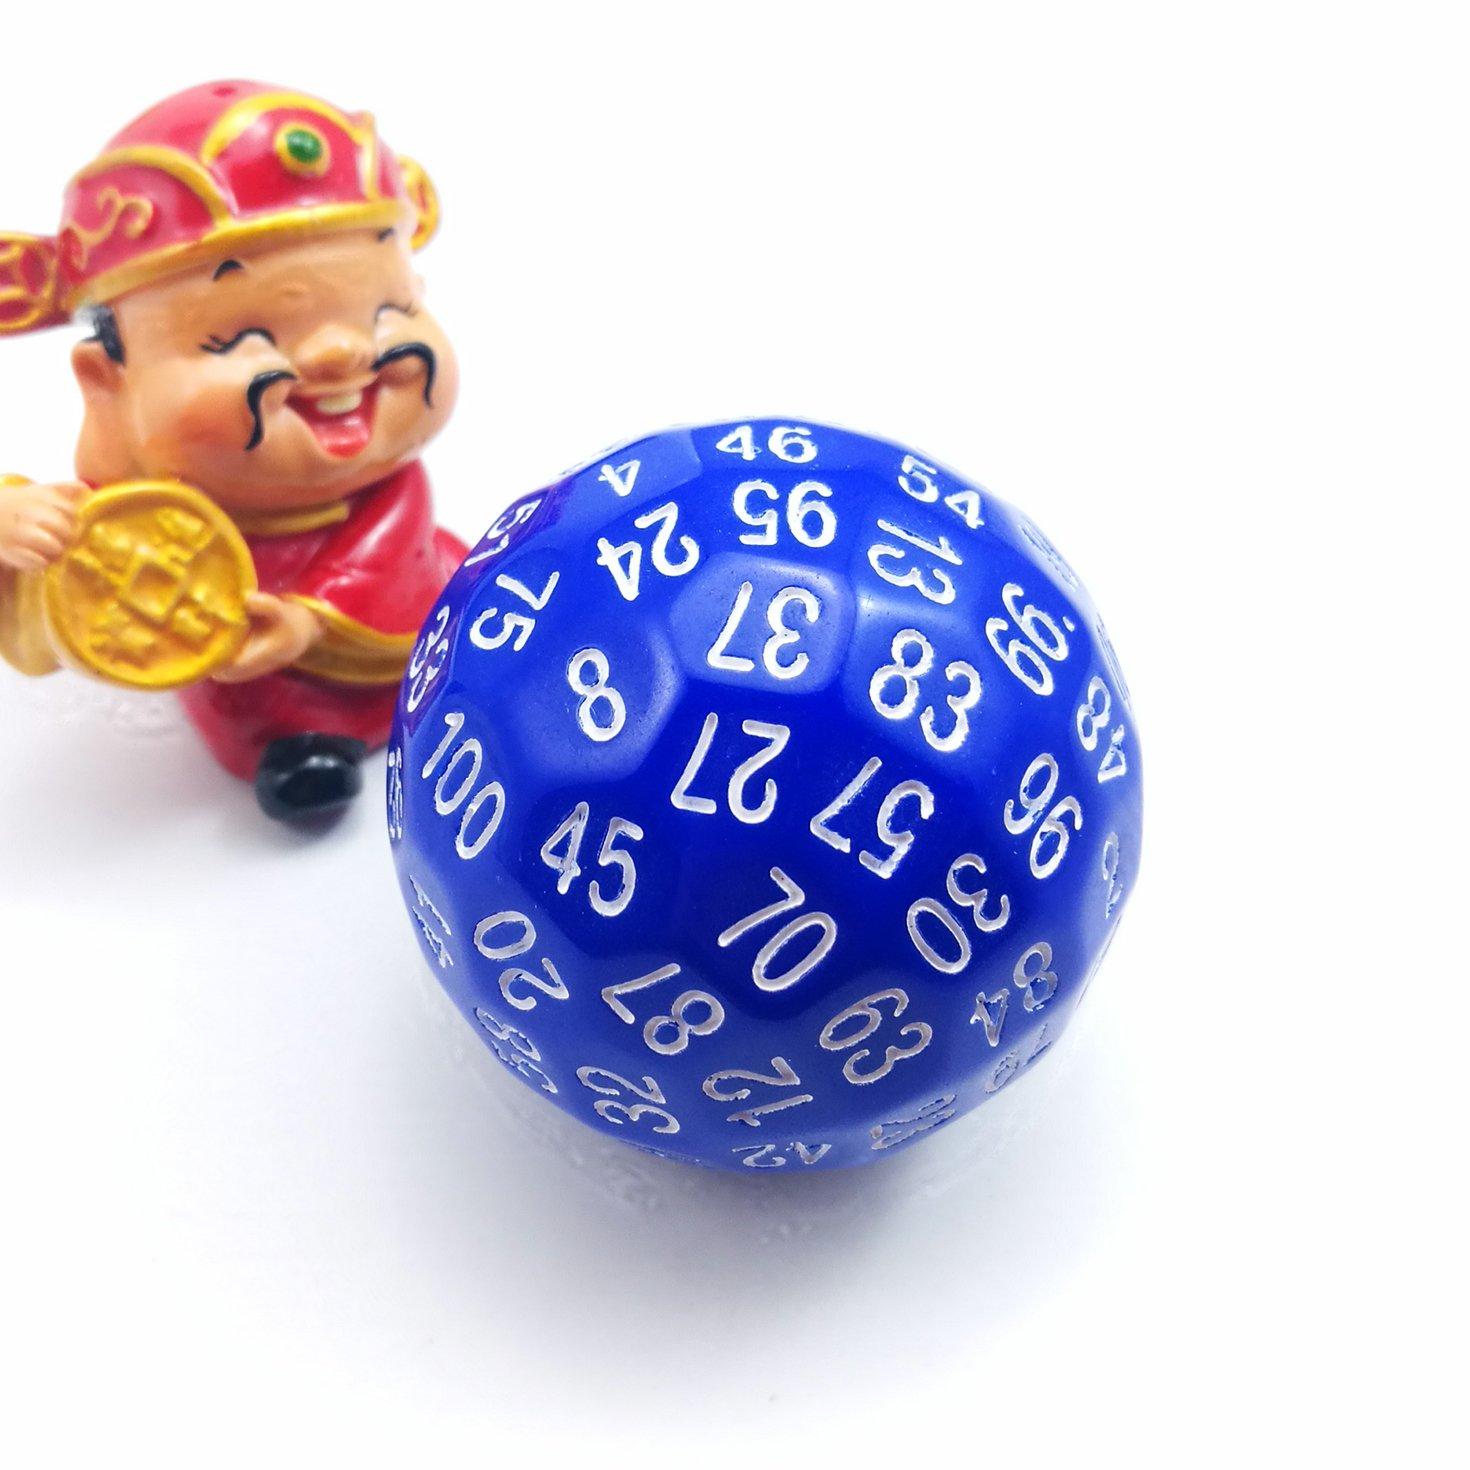 Bescon Polyédrique dés 100Faces dés, D100Die, 100Face Cube, D100Jeu dés, 100-sided Cube de couleur bleue Bescon Dice BCD24003